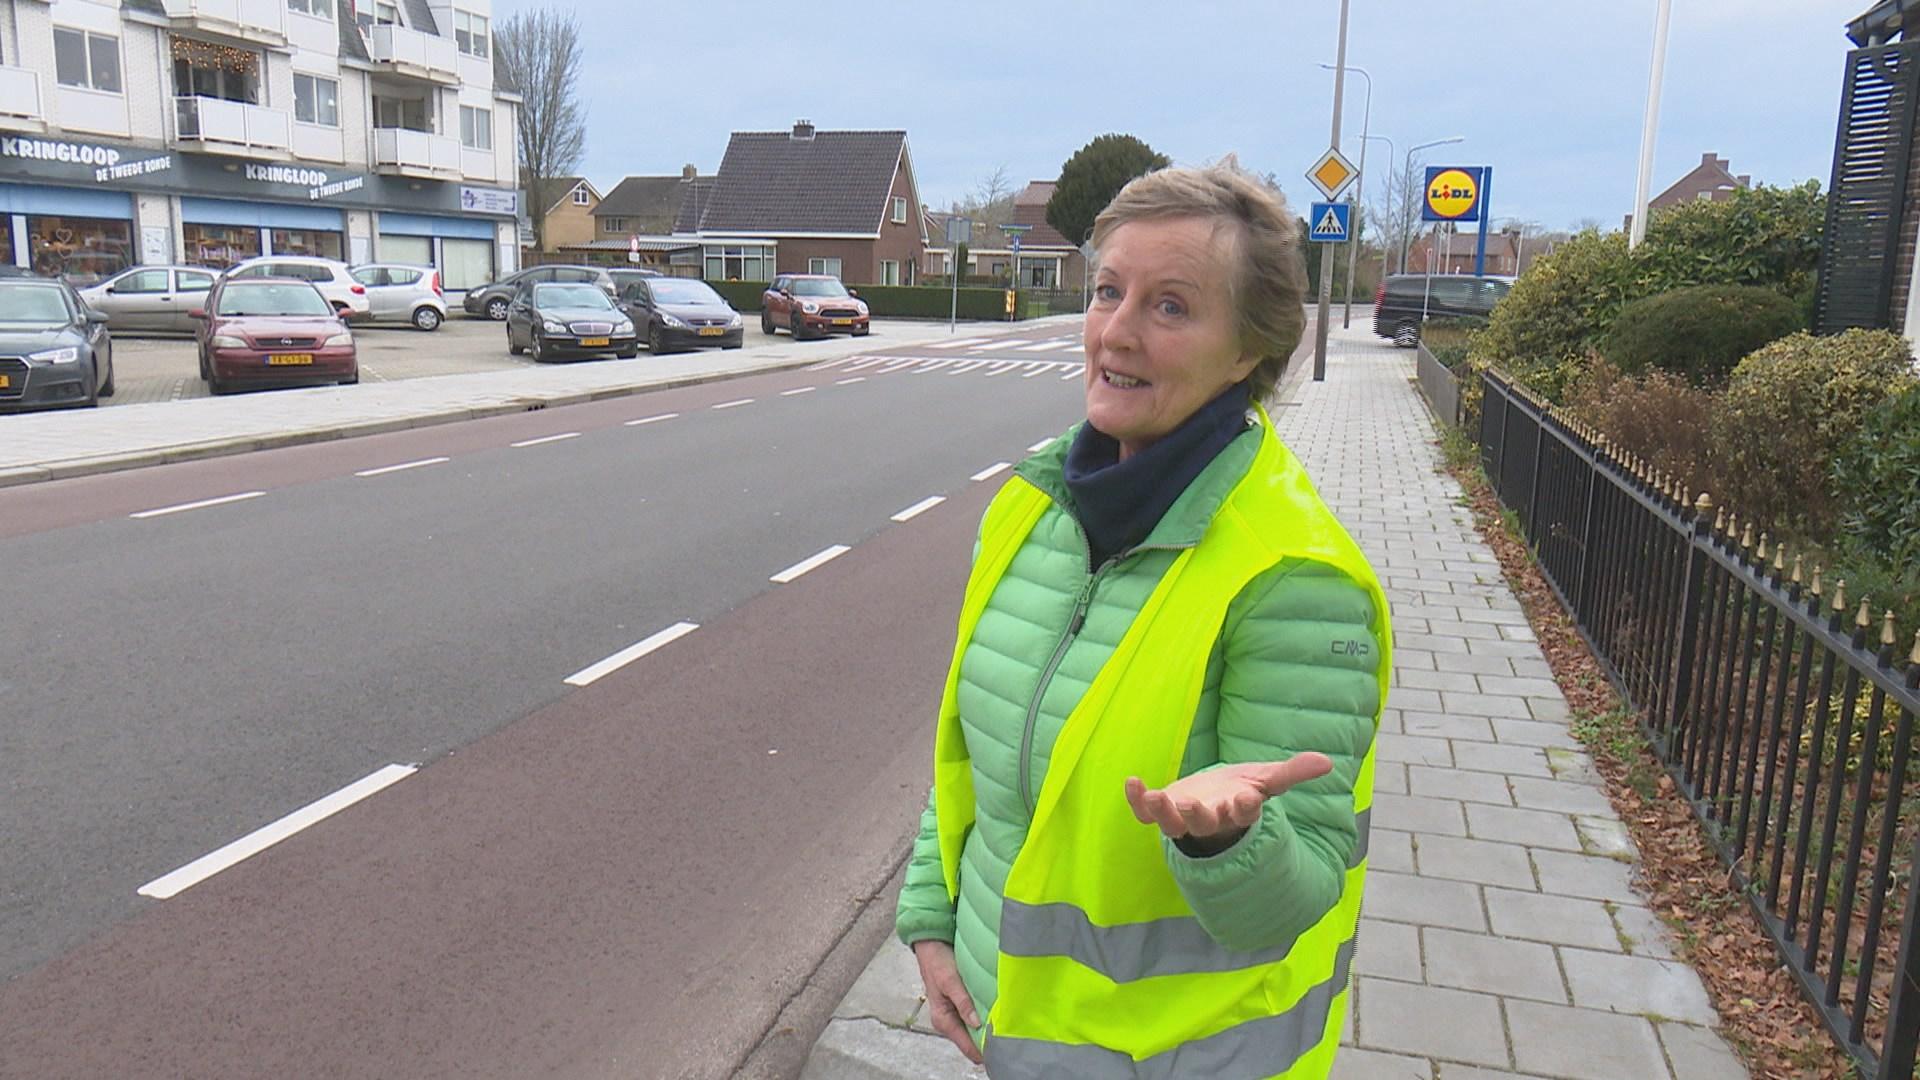 Na fataal ongeluk in Ommen durft Ella alleen nog met geel hesje de straat op.